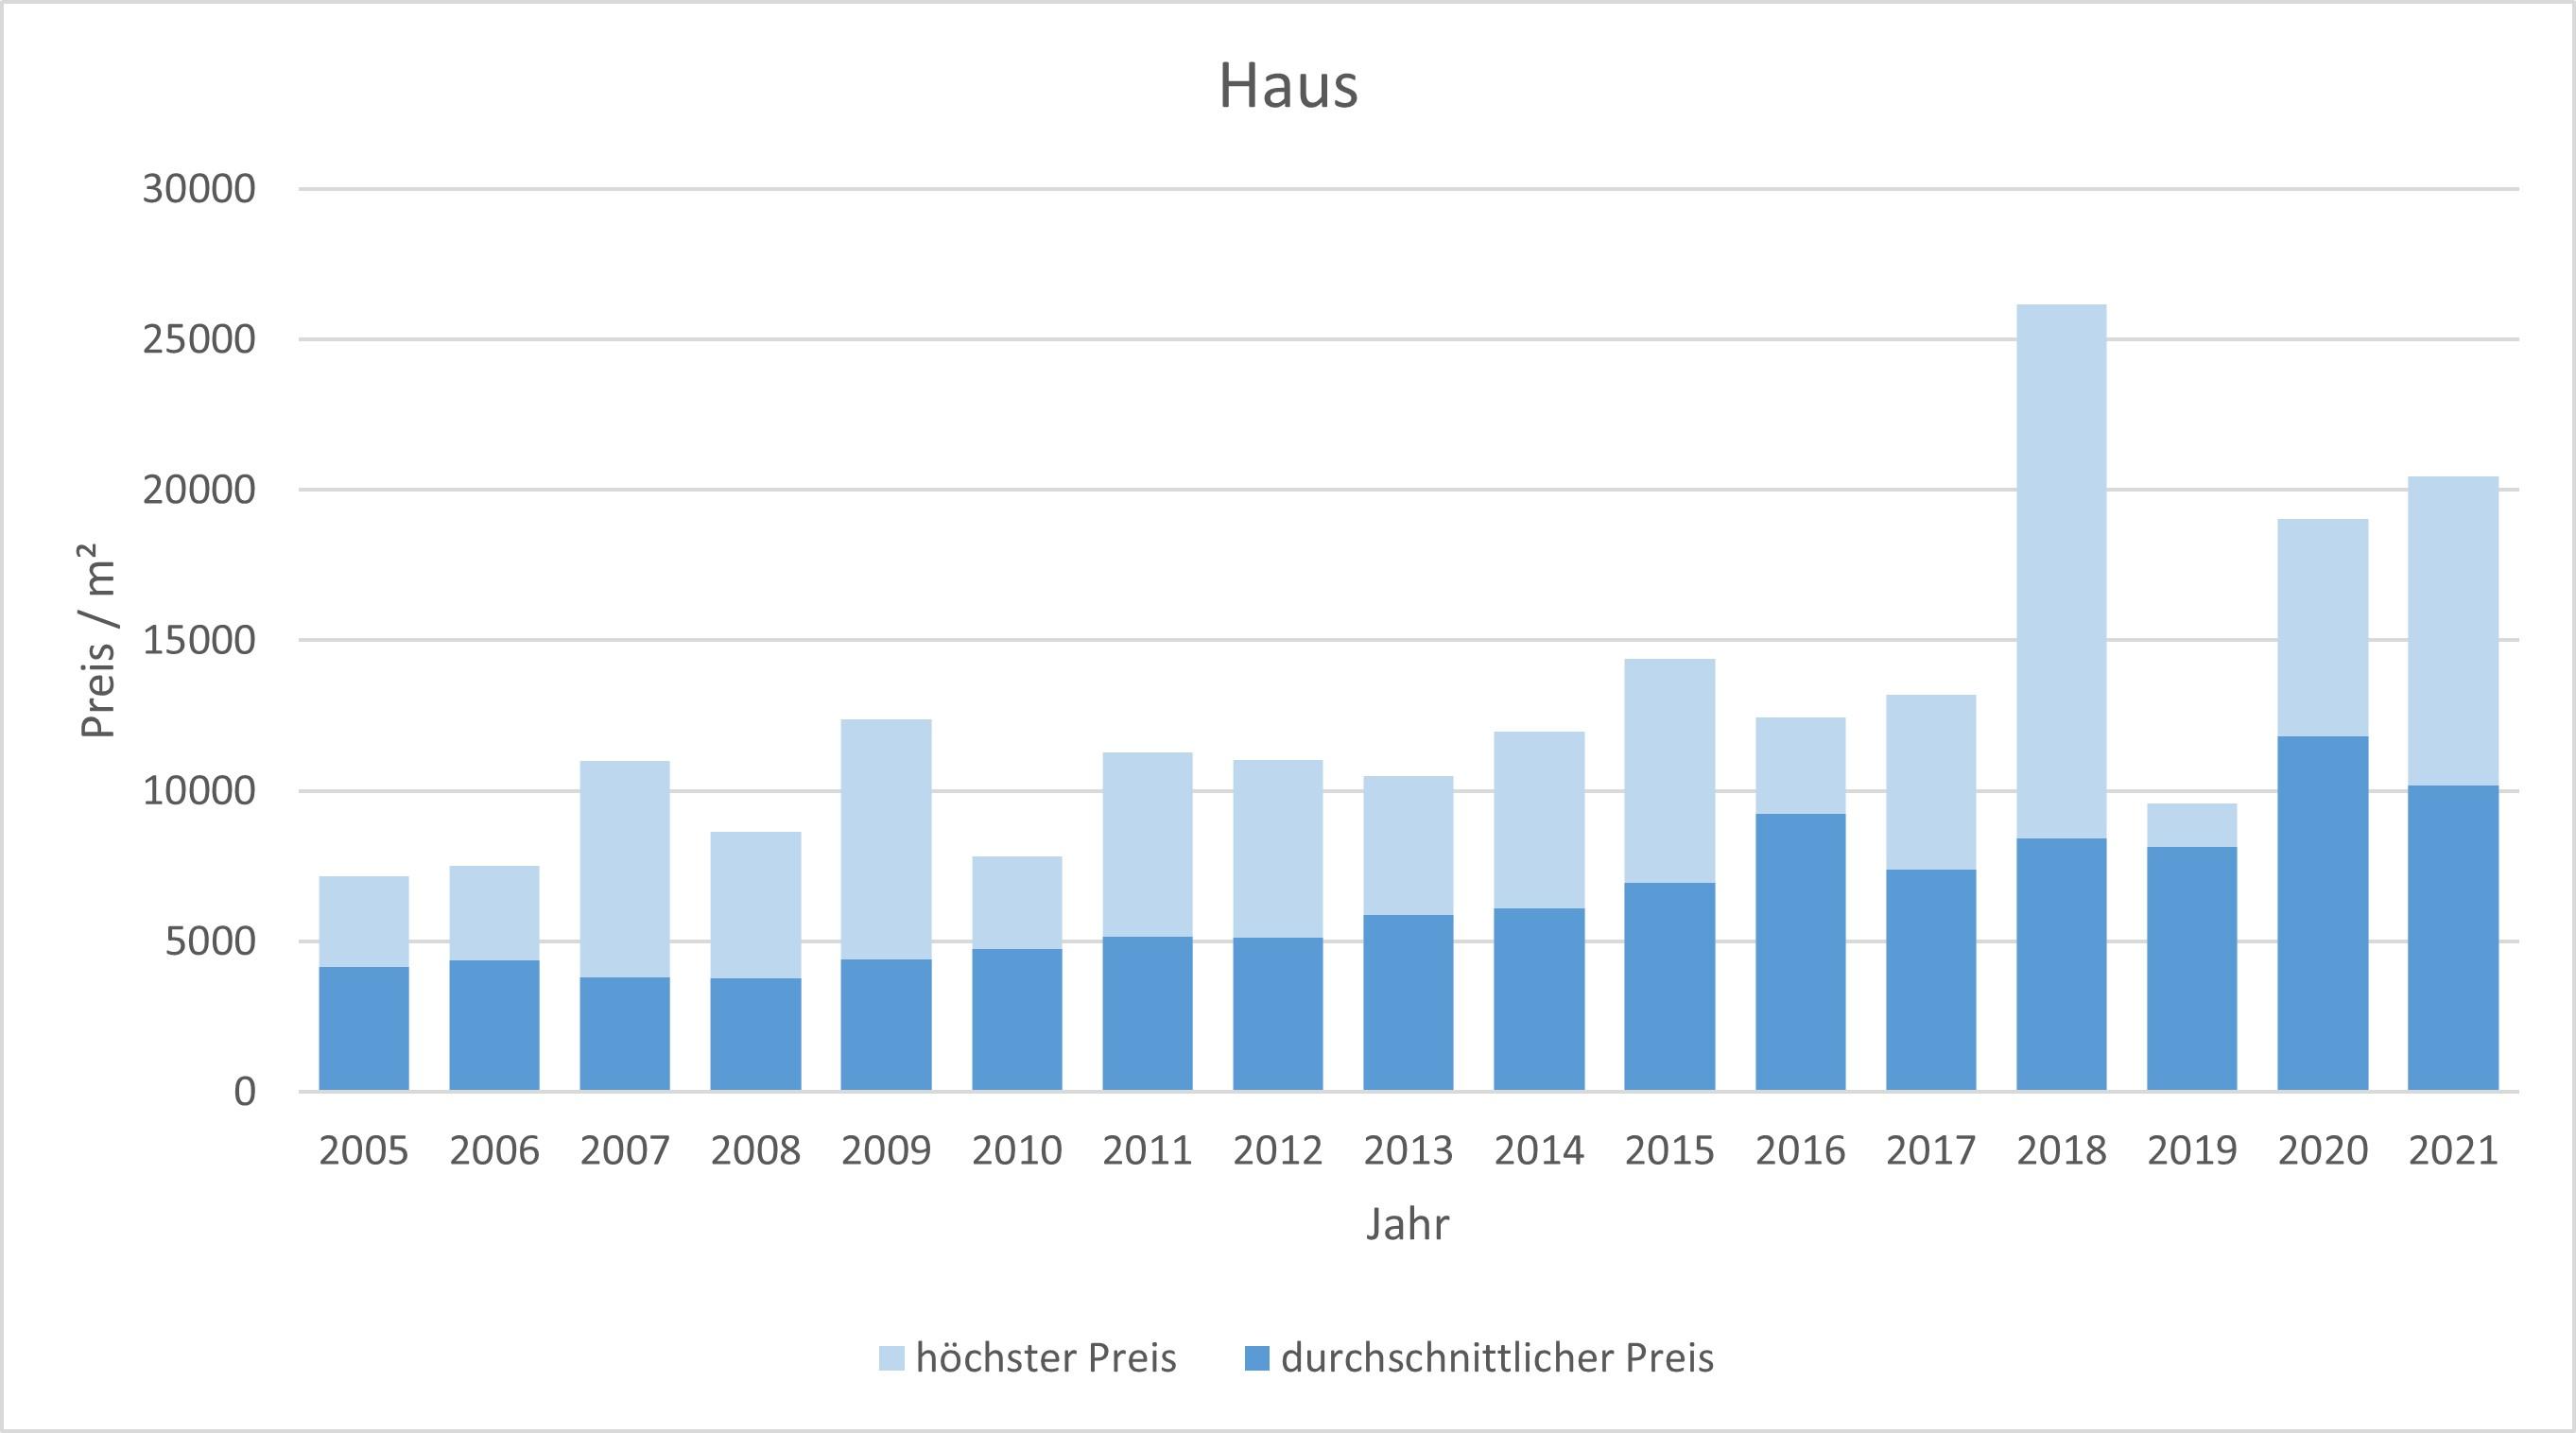 München - Thalkirchen Haus kaufen verkaufen Preis Bewertung Makler 2019 2020 2021 www.happy-immo.de